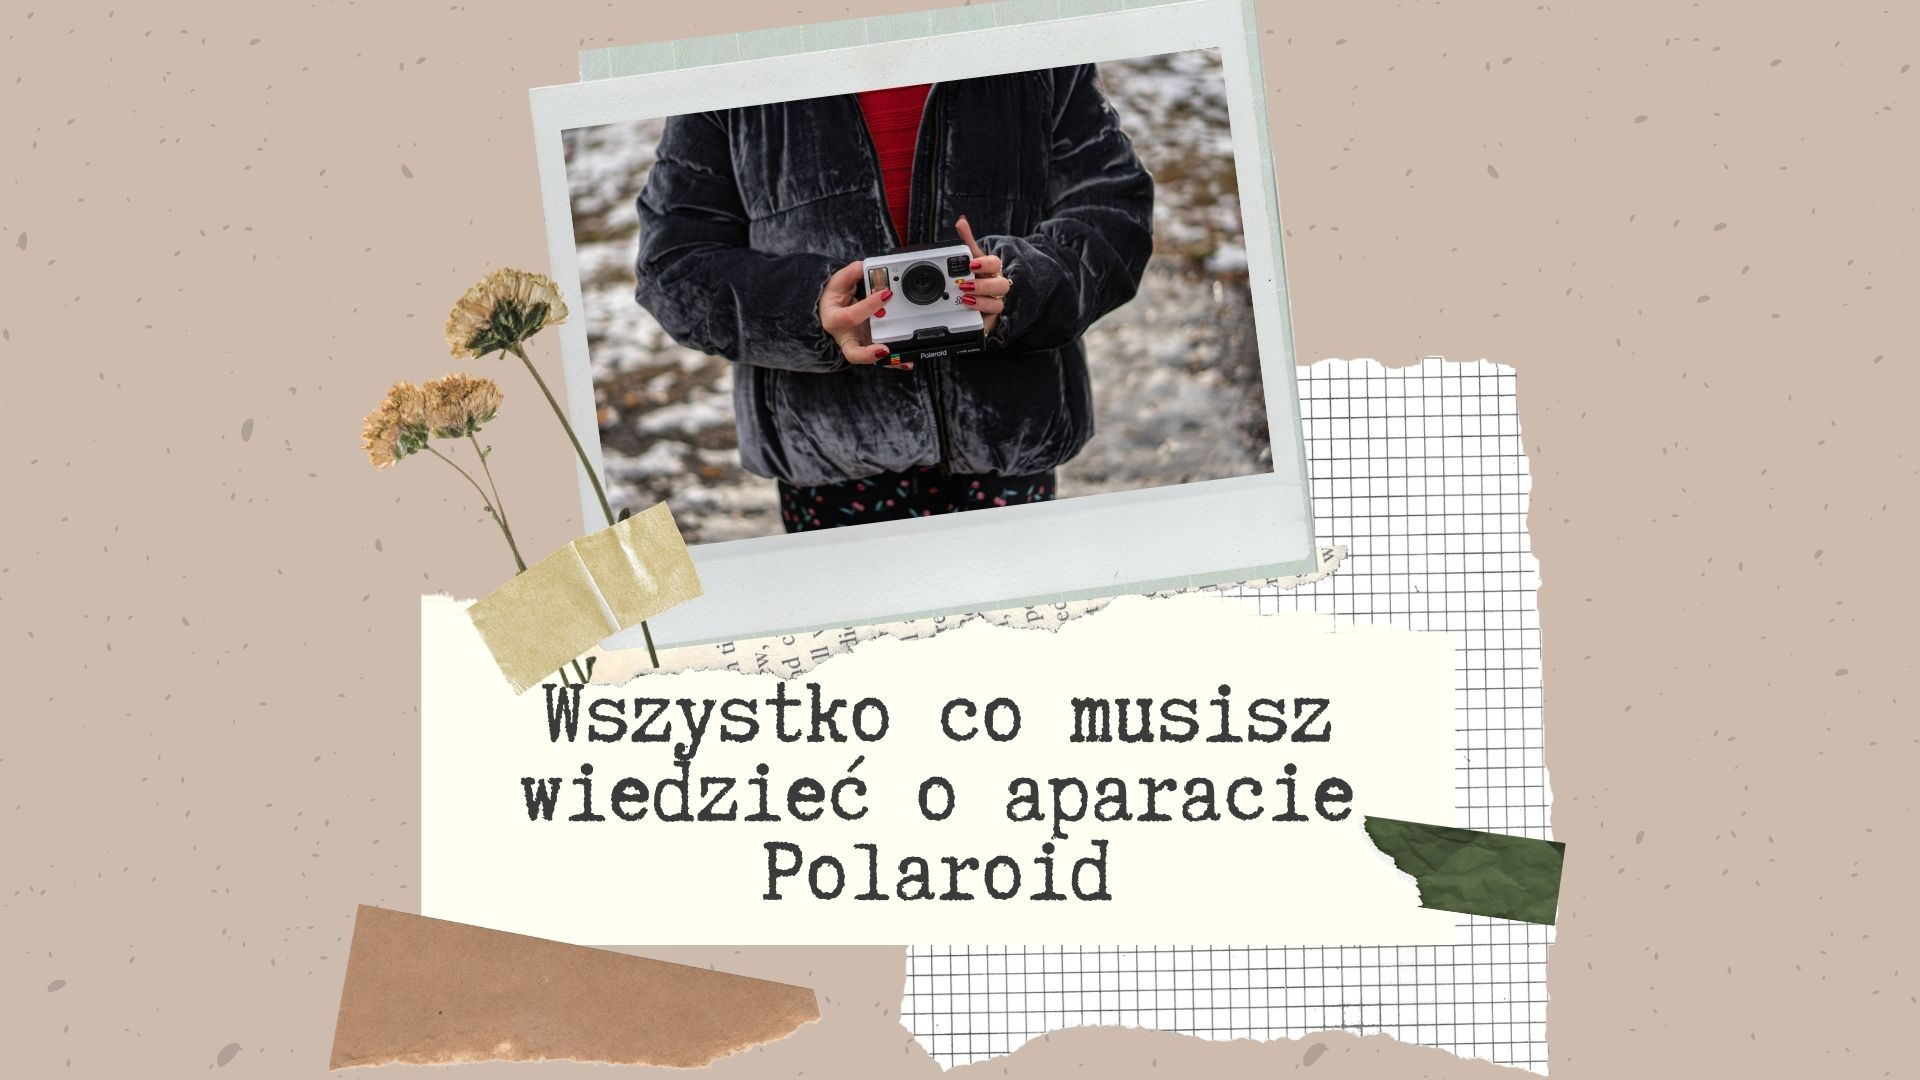 różnice między polaroid onestep2 a instax mini fujifim co warto wiedziec o aparatach natychmiastowych jak czyscic polaroida rolki jaki format maja zdjecia instax